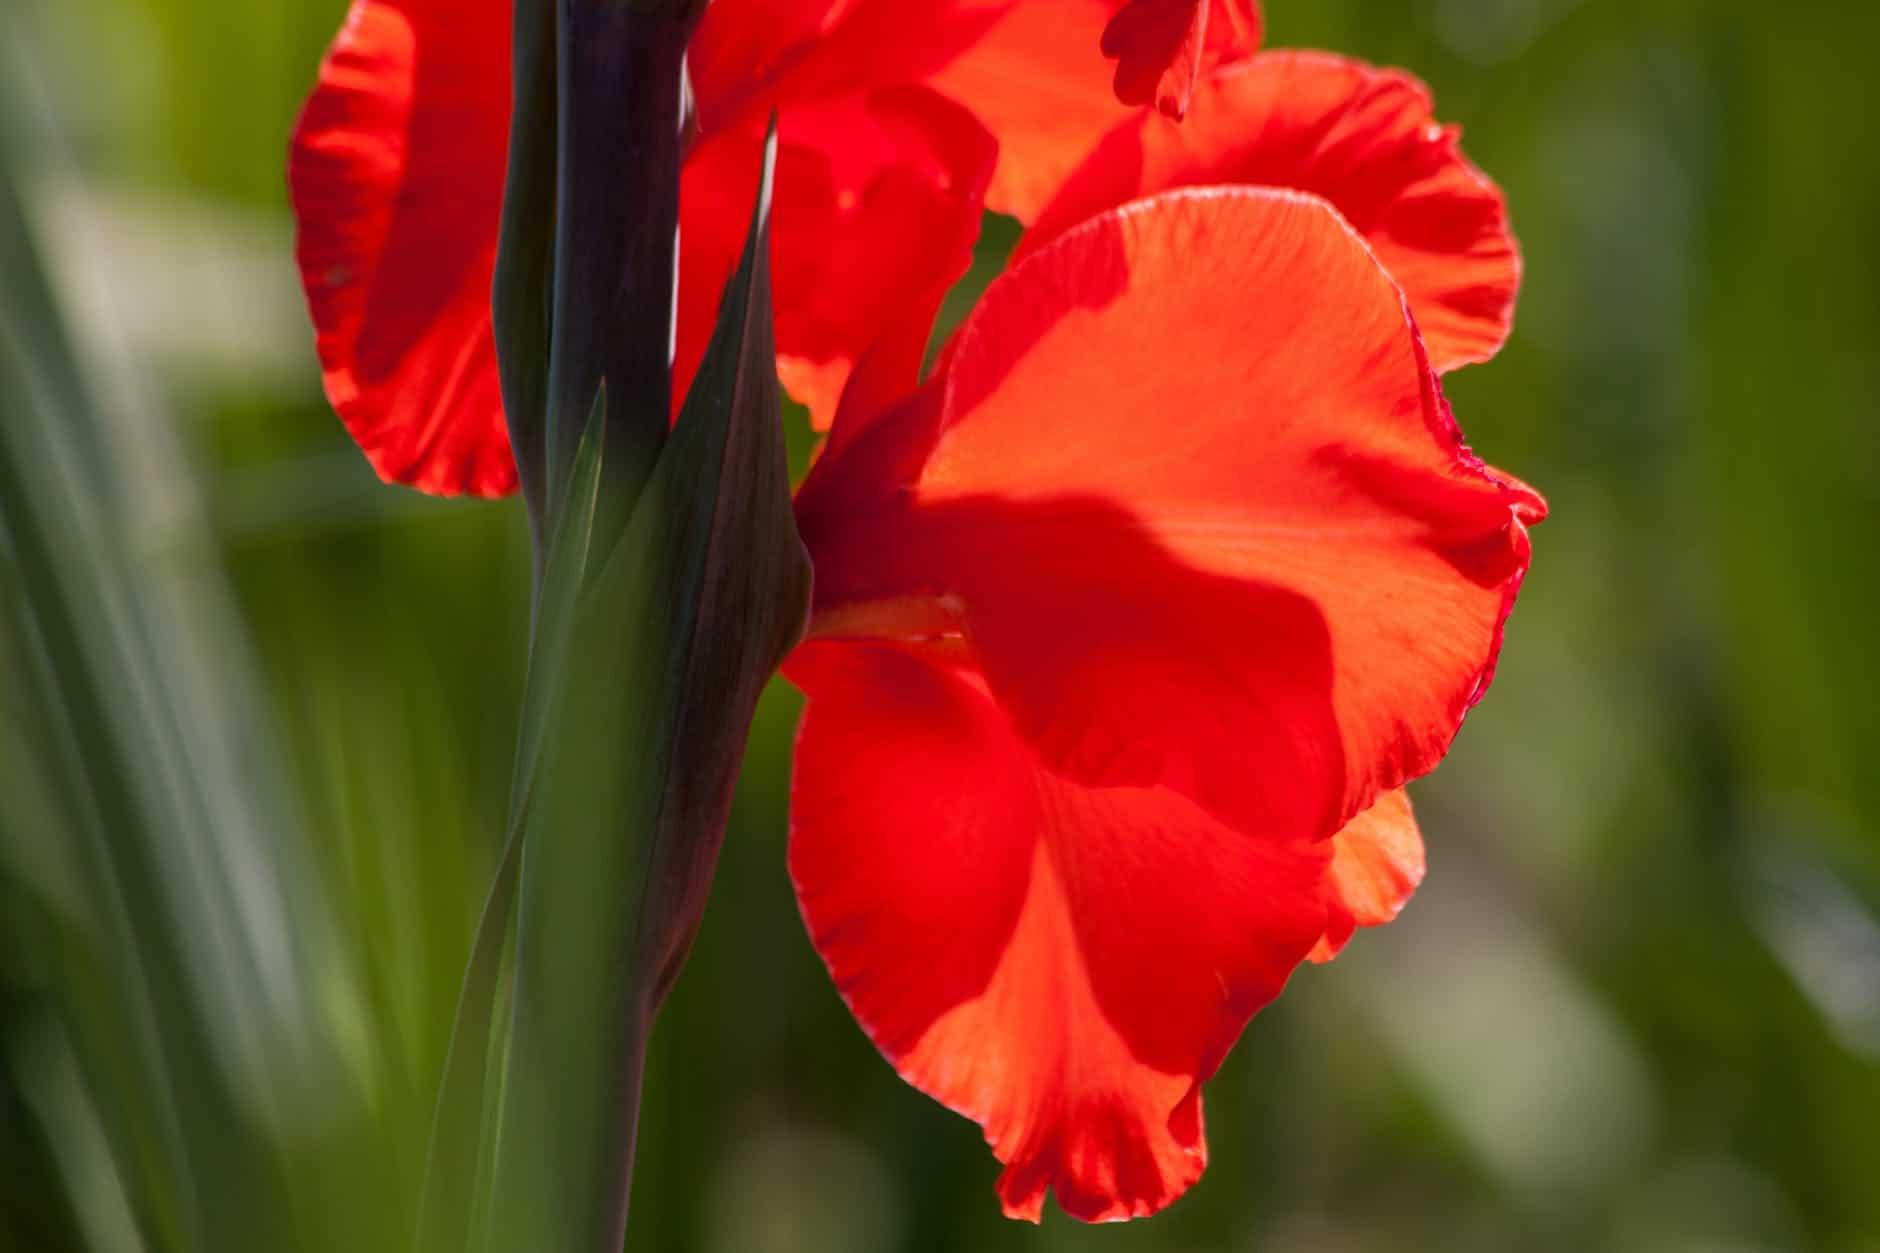 El gladiolo produce flores vistosas